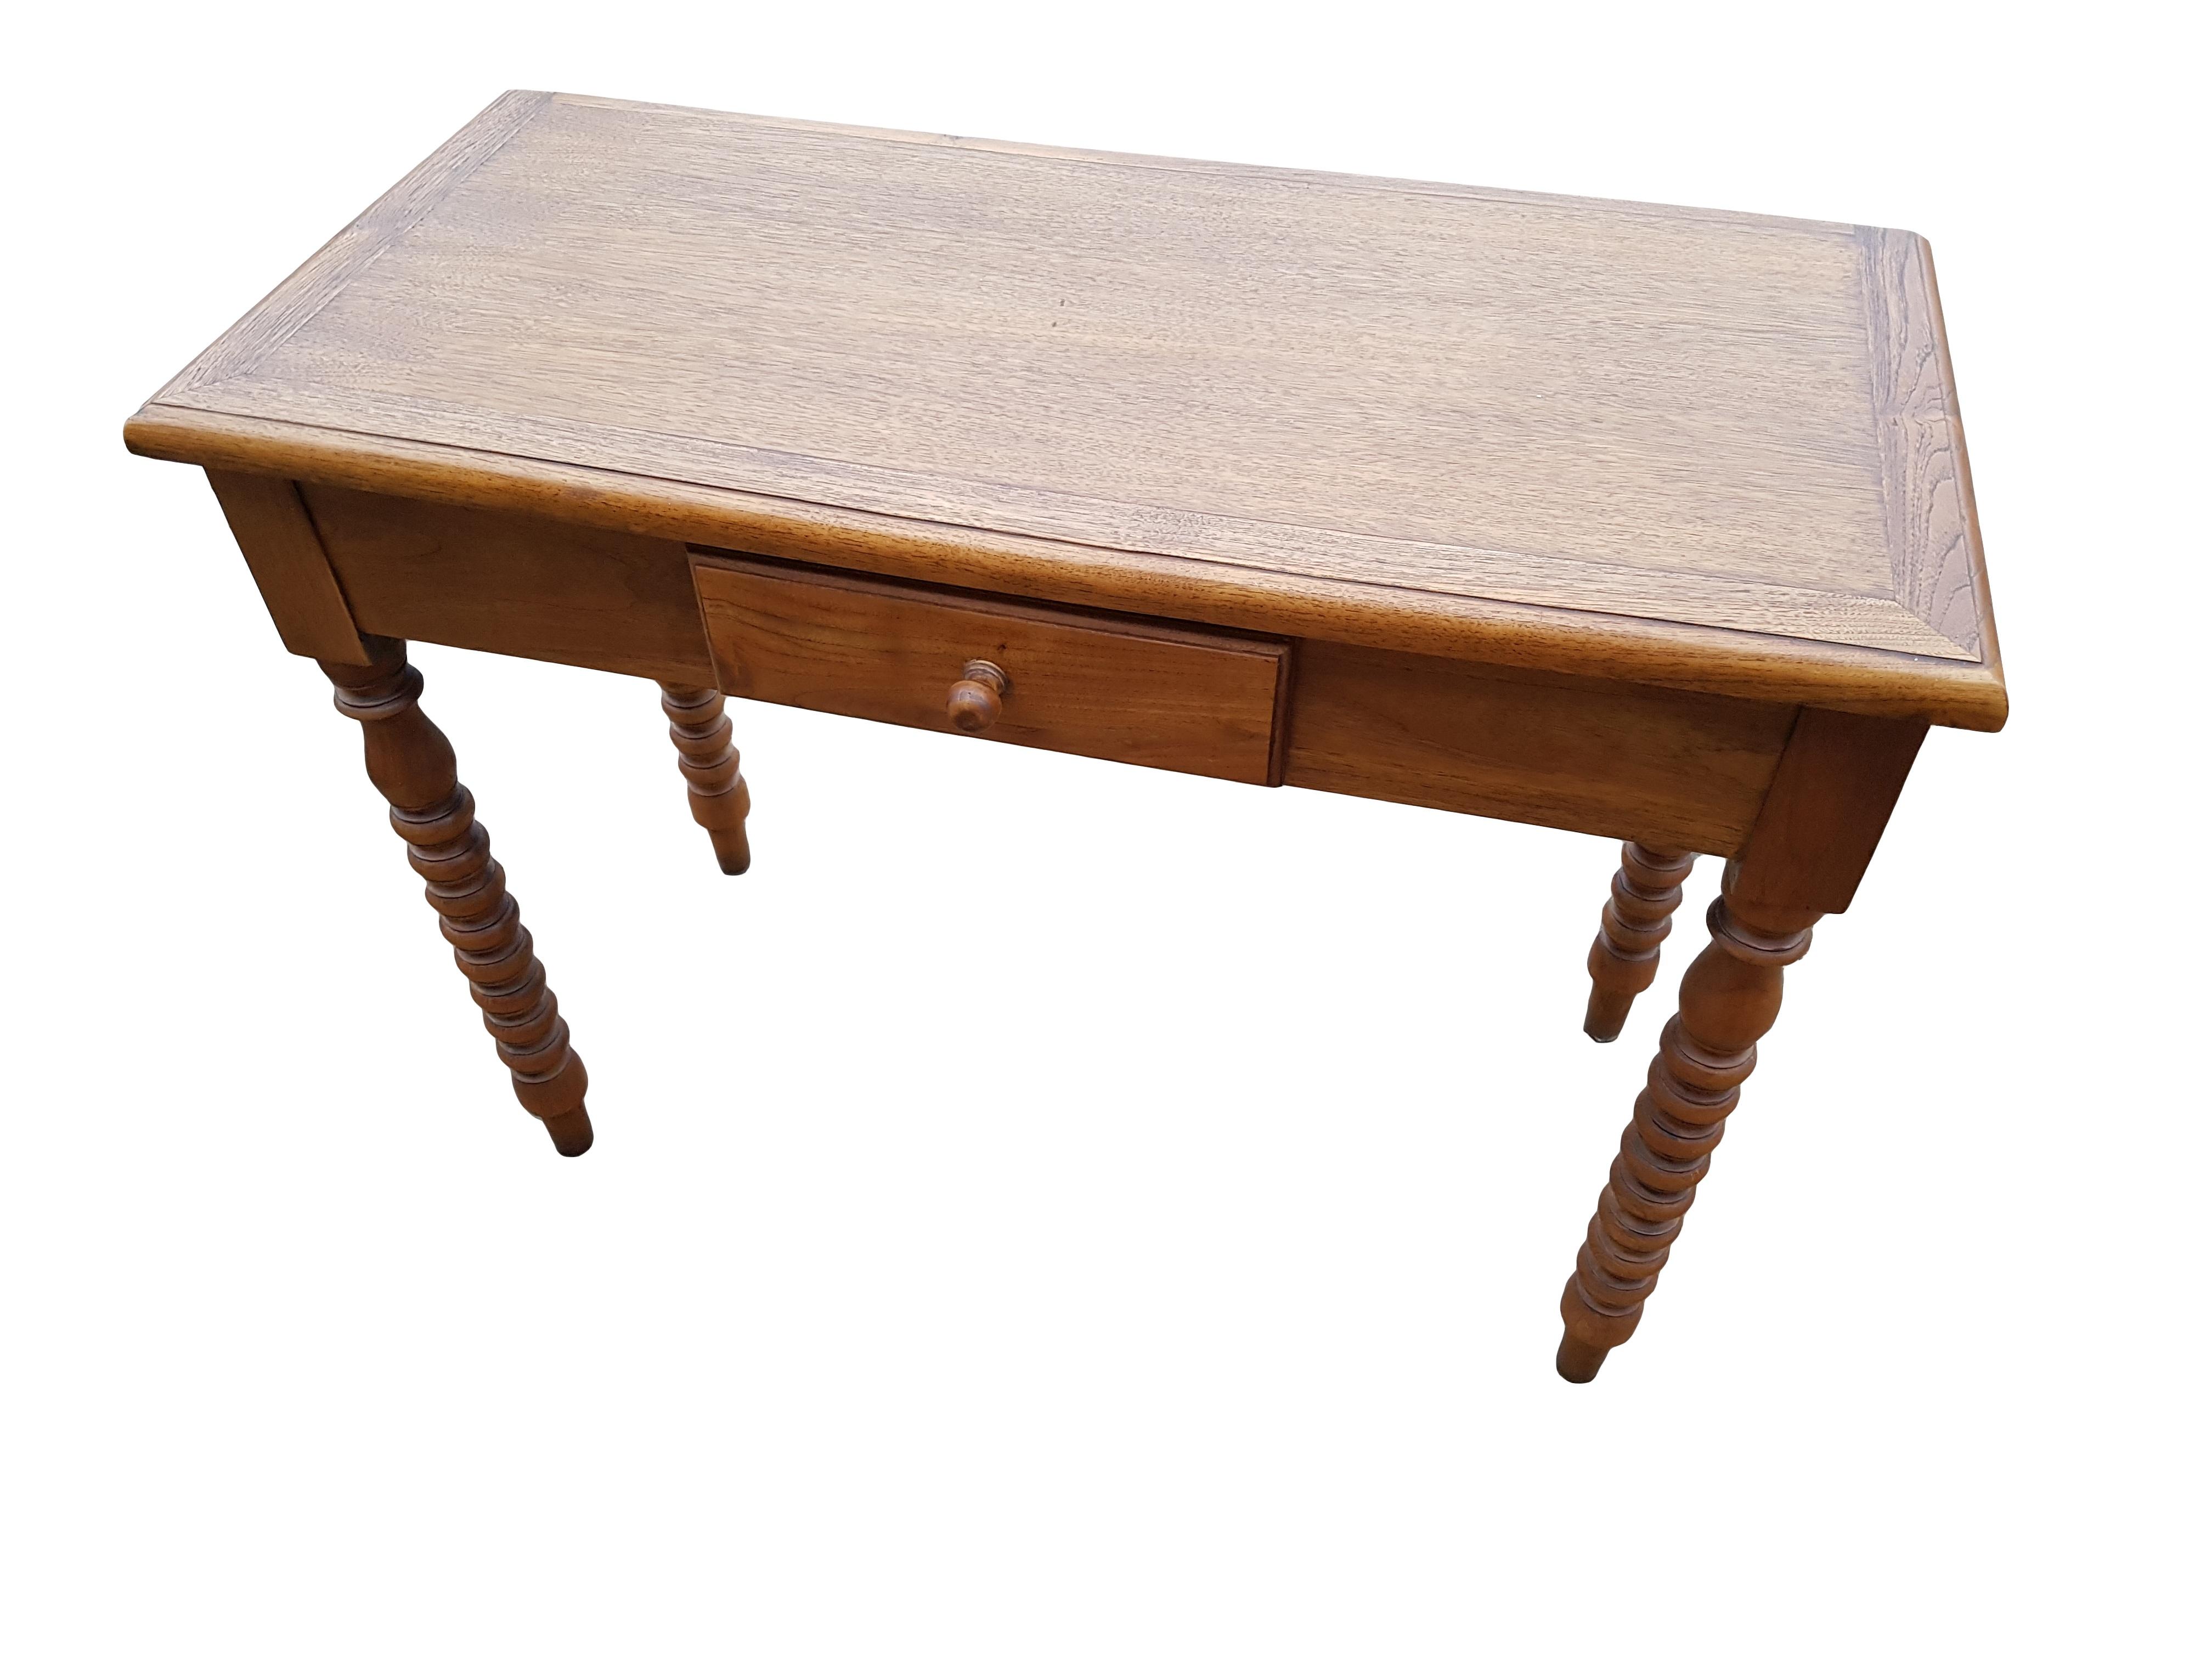 Fotos gratis escritorio madera mueble mesa de caf for Mueble indonesia